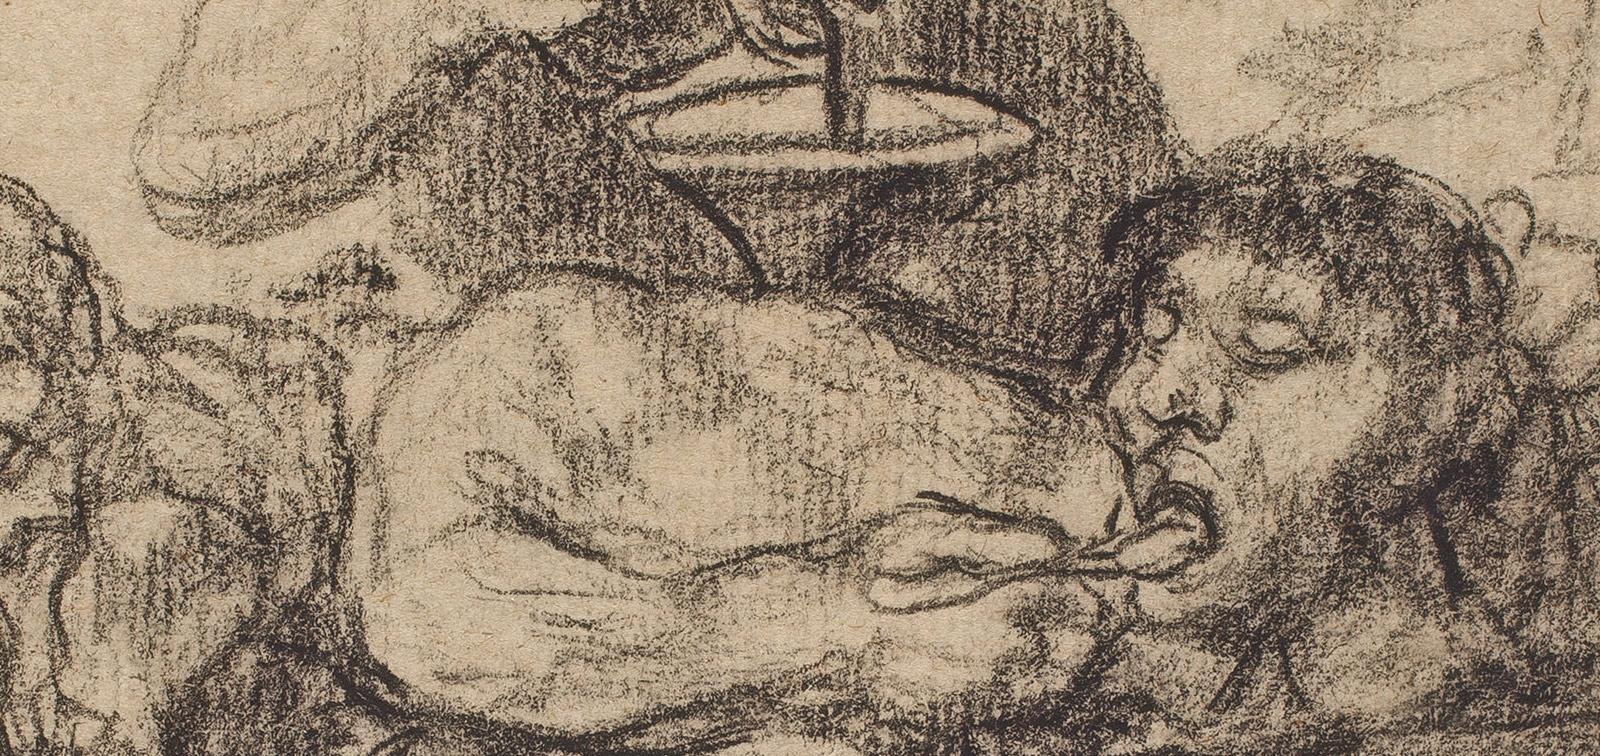 Papeles, técnicas y procesos en la obra gráfica de Goya